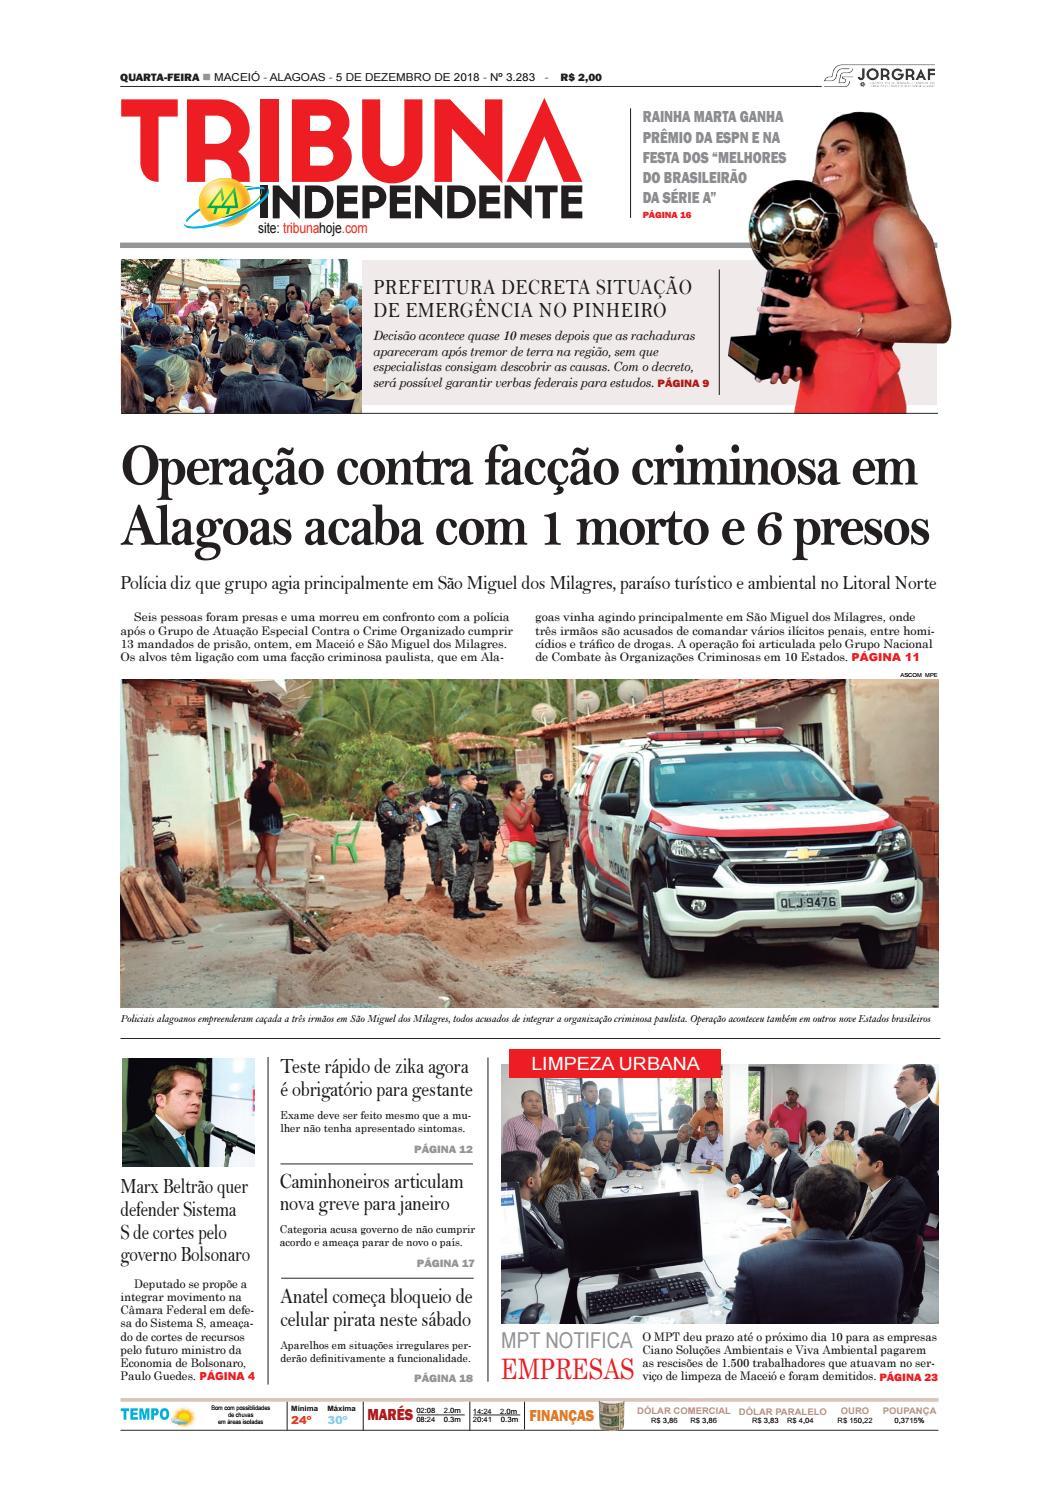 Edição número 3283 - 5 de dezembro de 2018 by Tribuna Hoje - issuu 484c3d2703